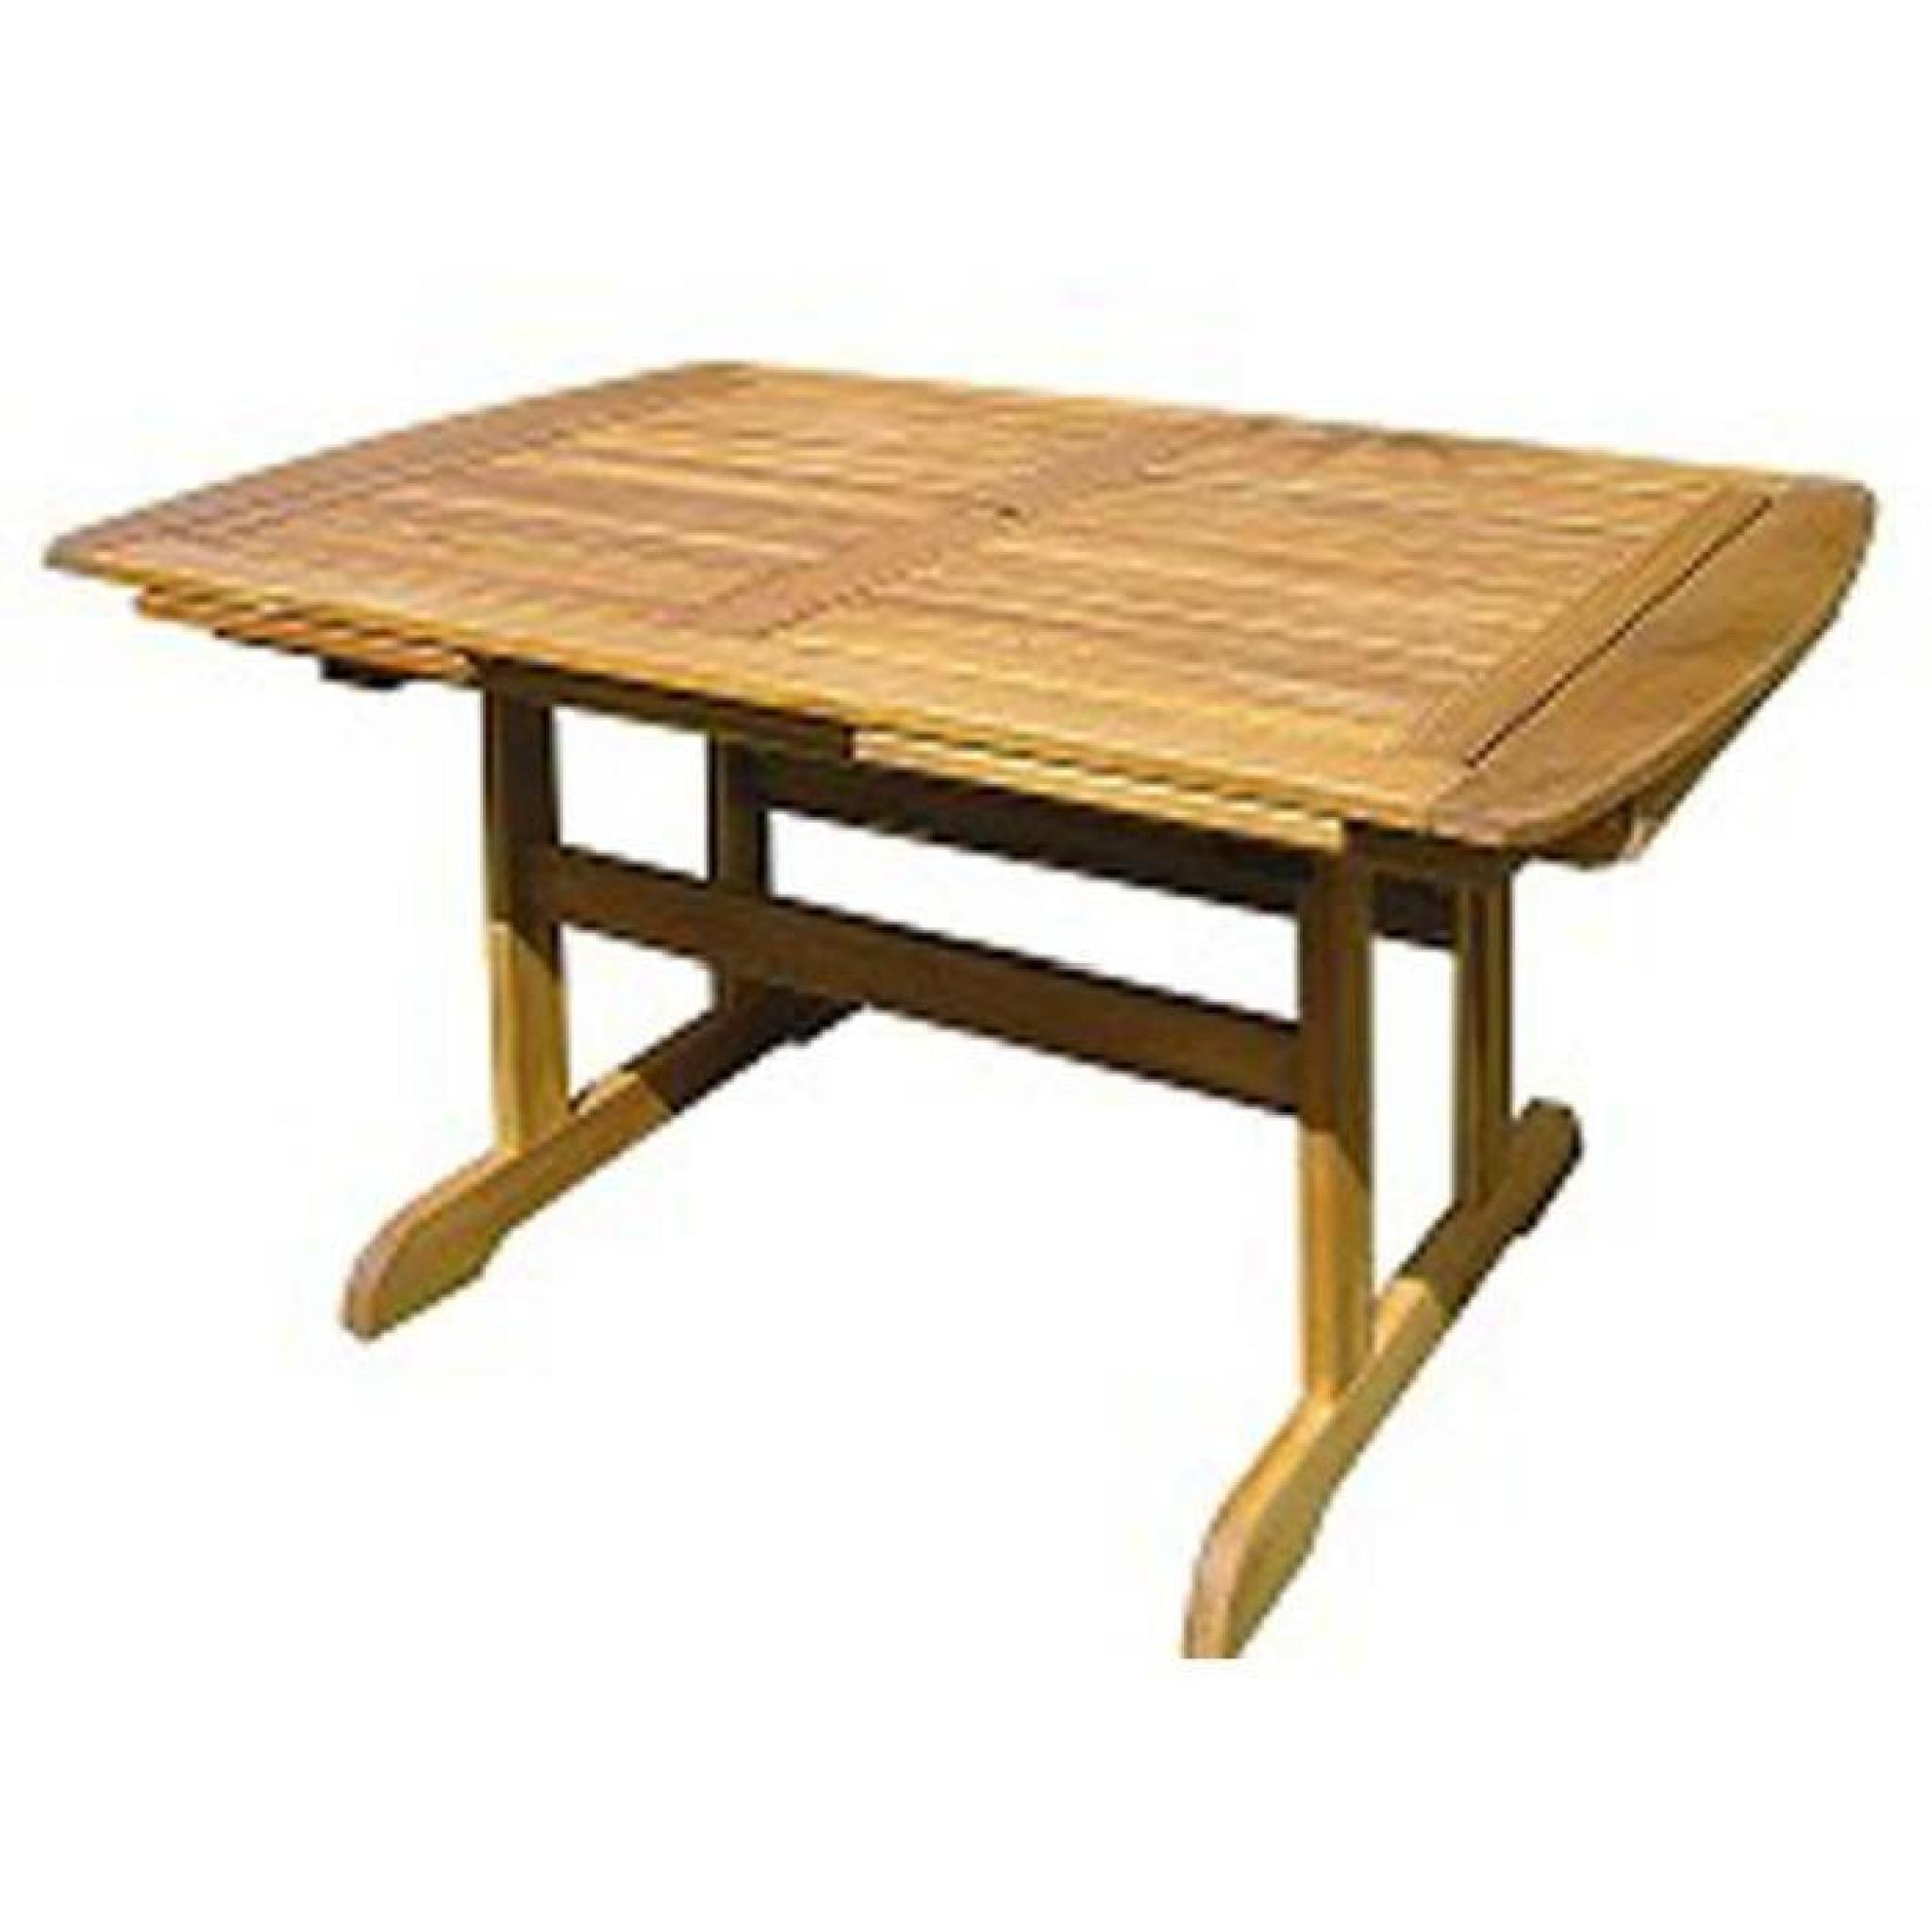 Lot 2 Tables Rectangulaires Extensibles En Bois D'acacia Taylor concernant Table De Jardin Extensible Pas Cher